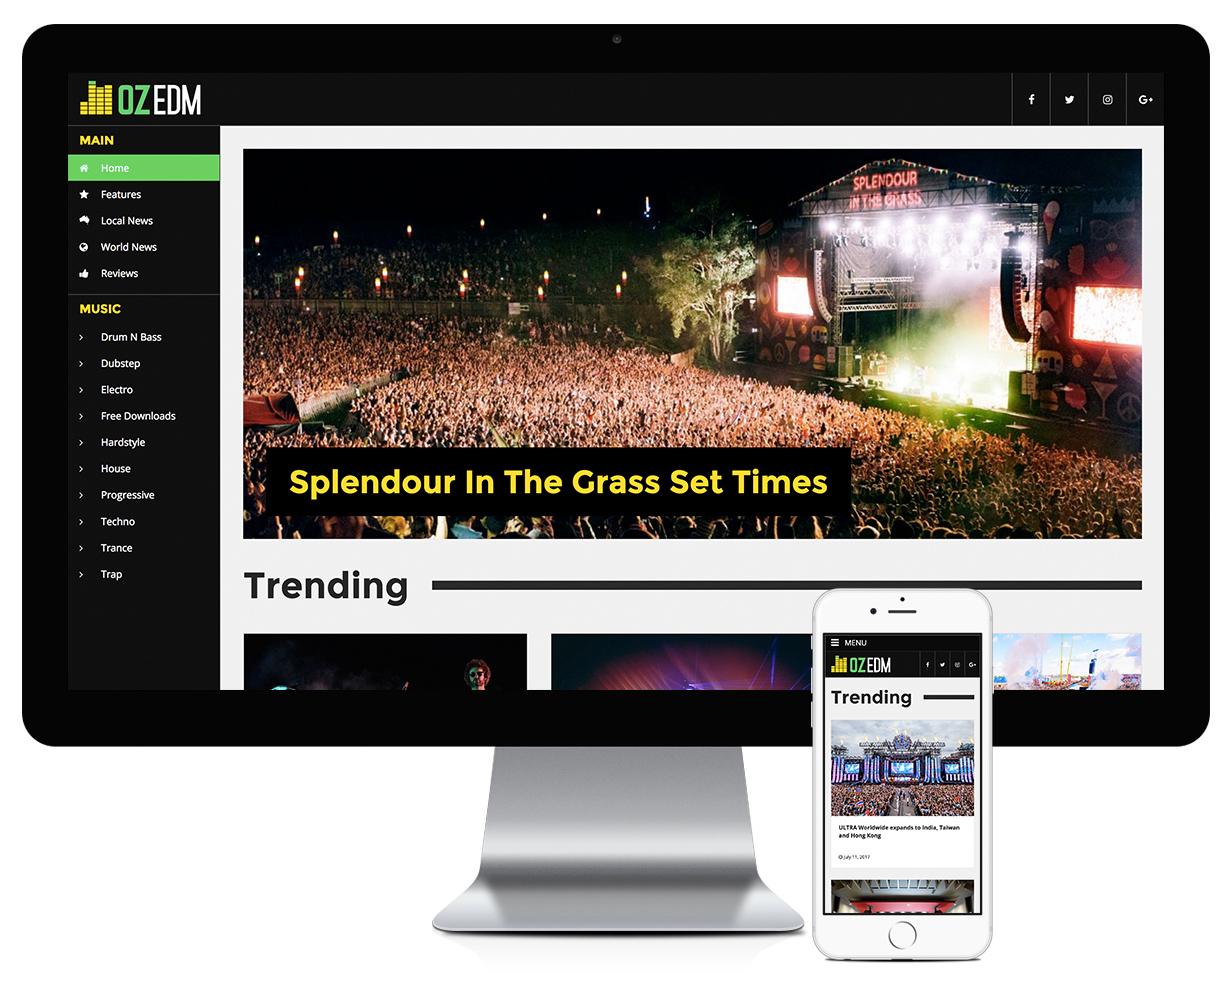 oz-edm-website-design-2017-blog